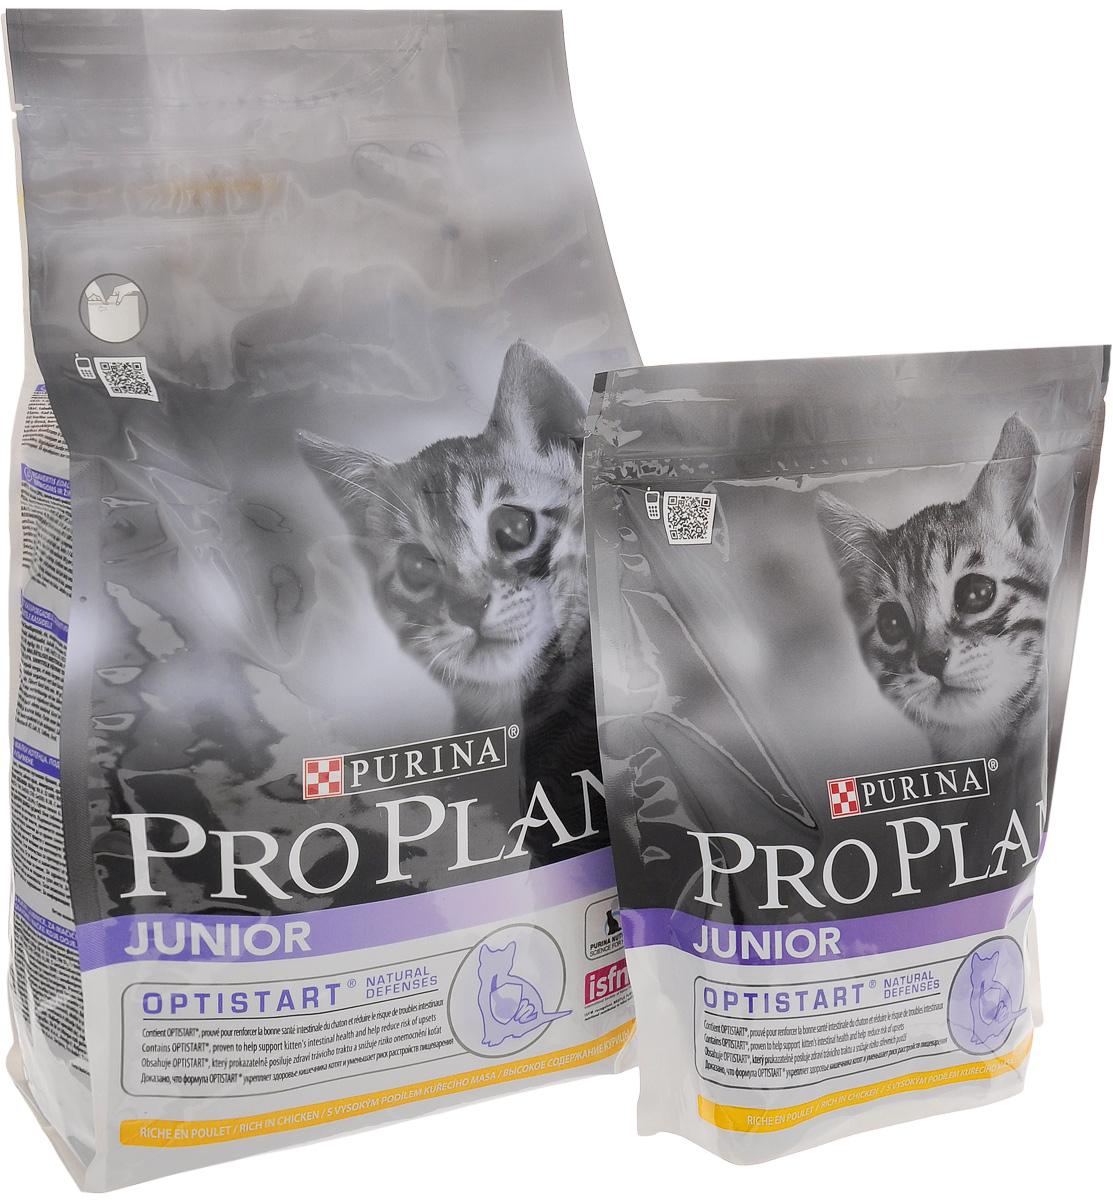 Корм сухой Pro Plan Junior Optistart для котят, с курицей, 1,5 кг + Корм сухой Pro Plan Junior Optistart для котят, с курицей, 400 г0120710Сухой корм Pro Plan Junior Optistart - это полноценный рацион для котят от 6 недель до 1 года. Он содержит особую разработанную с участием ученых комбинацию ингредиентов для поддержания здоровья вашего питомца в течение продолжительного времени. Особенности сухого корма: укрепляет здоровье кишечника котят и уменьшает риск расстройств пищеварения,усиливает иммунную систему благодаря молозиву, богатому антителами,поддерживает здоровый рост костей и мускулатуры,помогает поддерживать здоровое развитие мозга и зрения.Анализ: белок 40%, жир 20%, сырая зола 6,5%, сырая клетчатка 0,5%.Добавки на кг: витамин А 36 400, витамин D3 1180, витамин Е 750 мг/кг, железо 335, йод 4, медь 68, марганец 160, цинк: 570, селен 0,38 мг/кг.Товар сертифицирован.